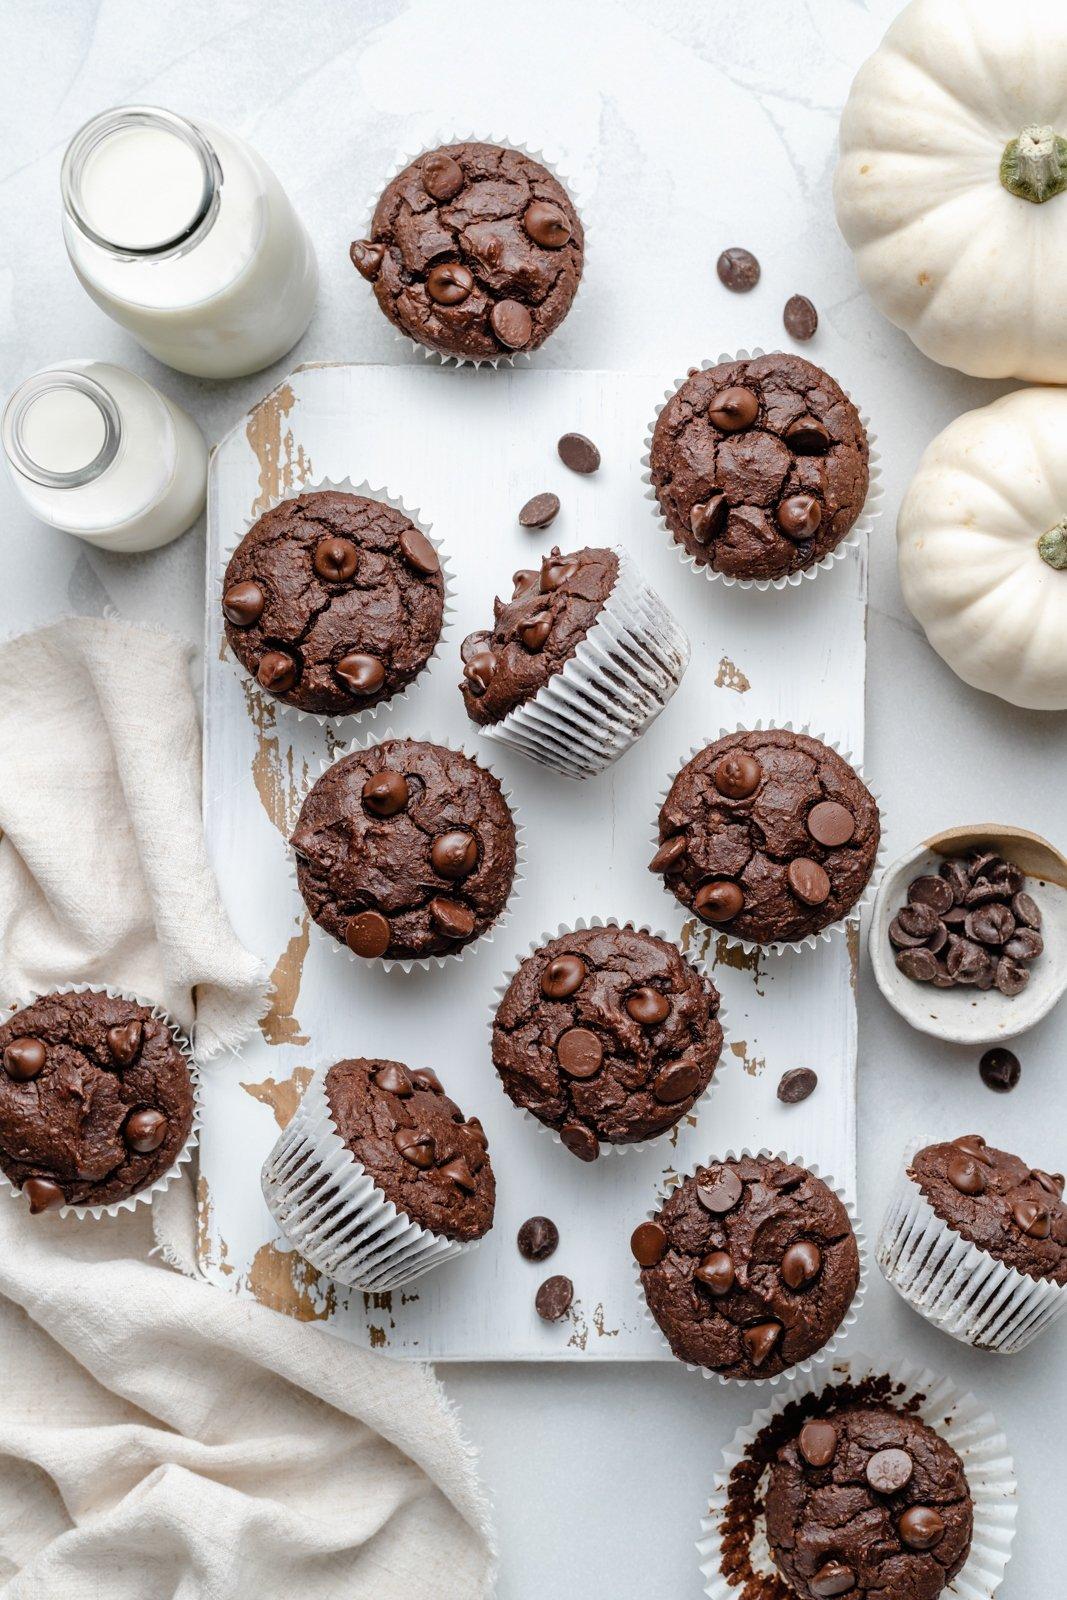 gluten free chocolate almond butter pumpkin muffins on a board